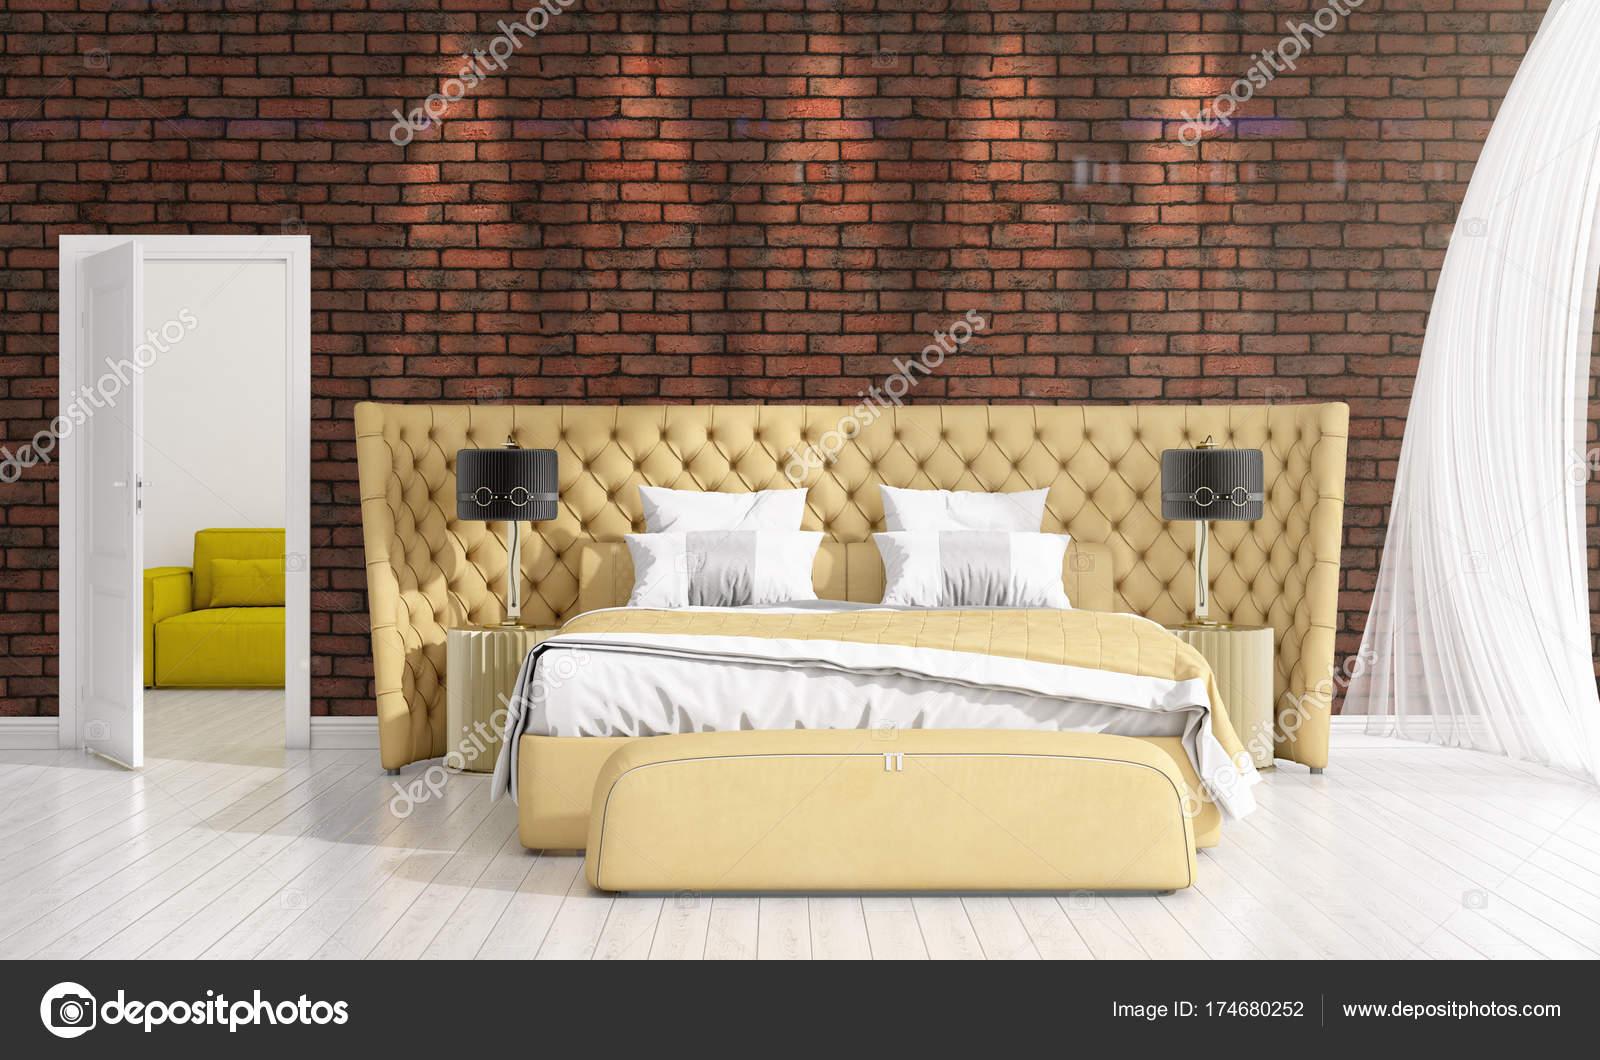 Arredamento moderno della camera da letto in voga con la pianta e ...